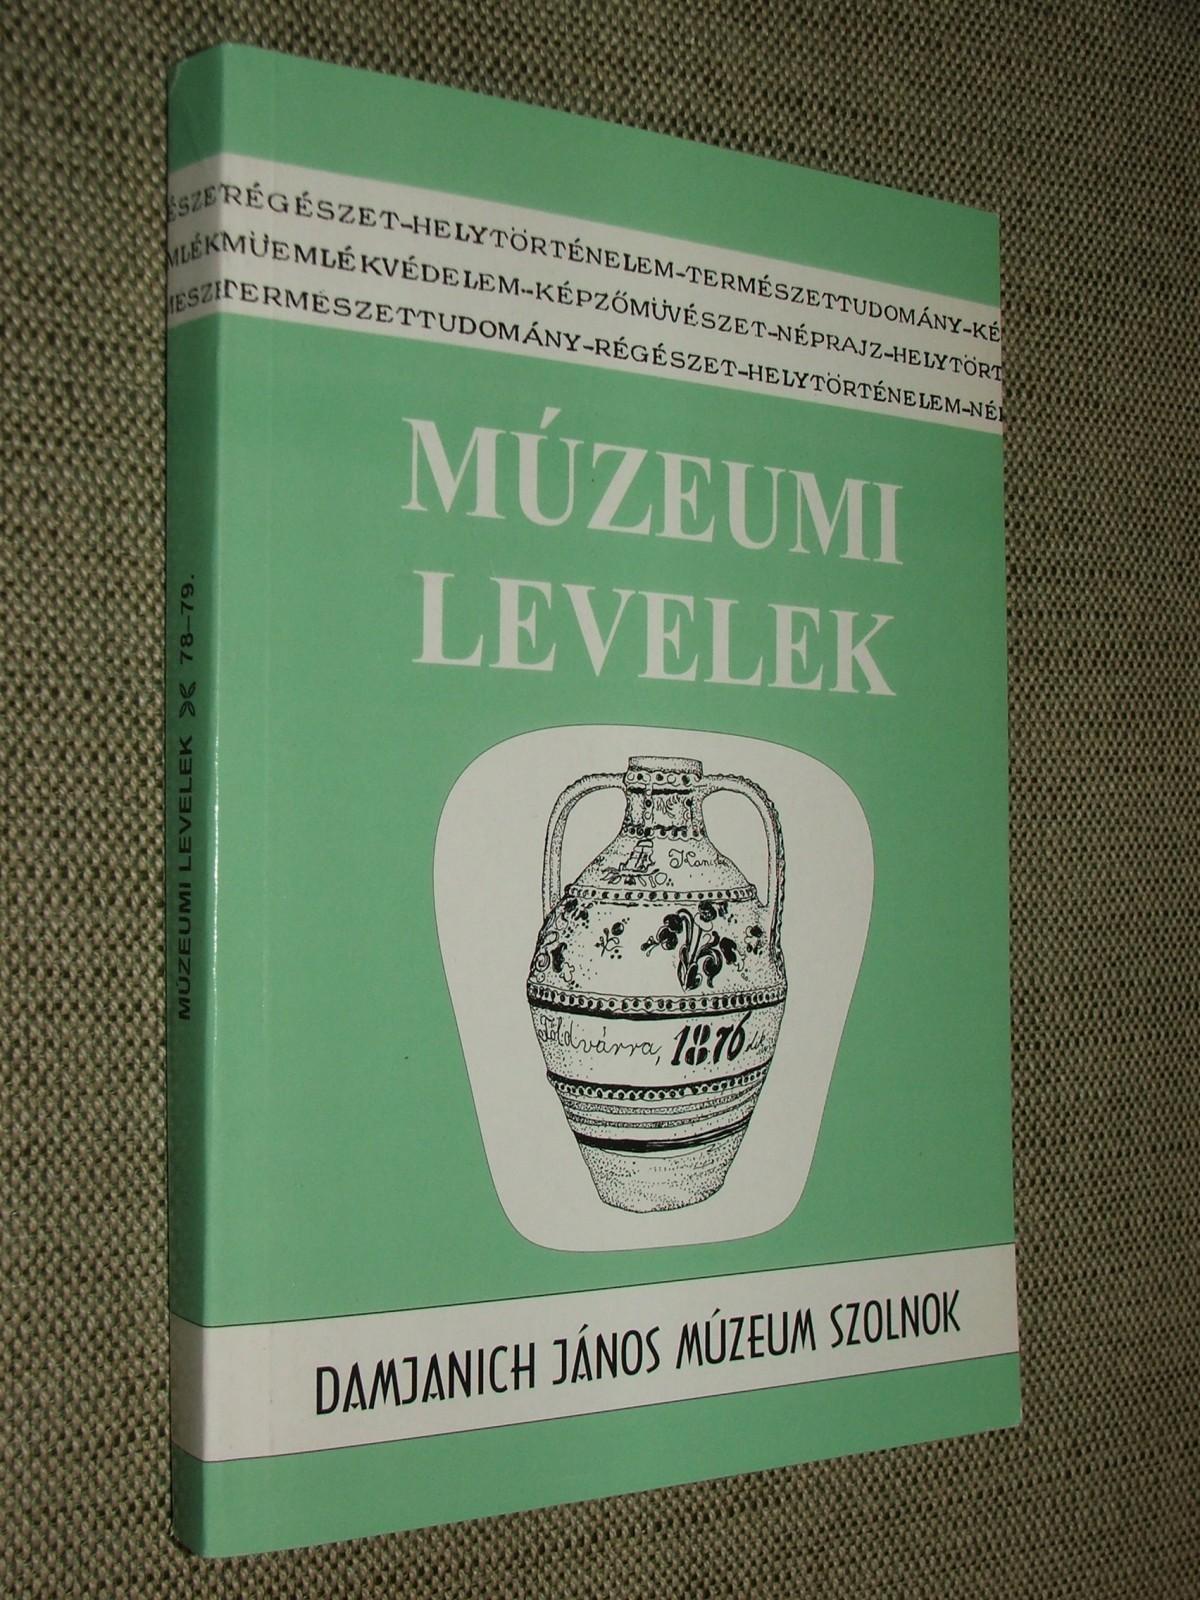 GULYÁS Éva – SZABÓ László: Múzeumi levelek